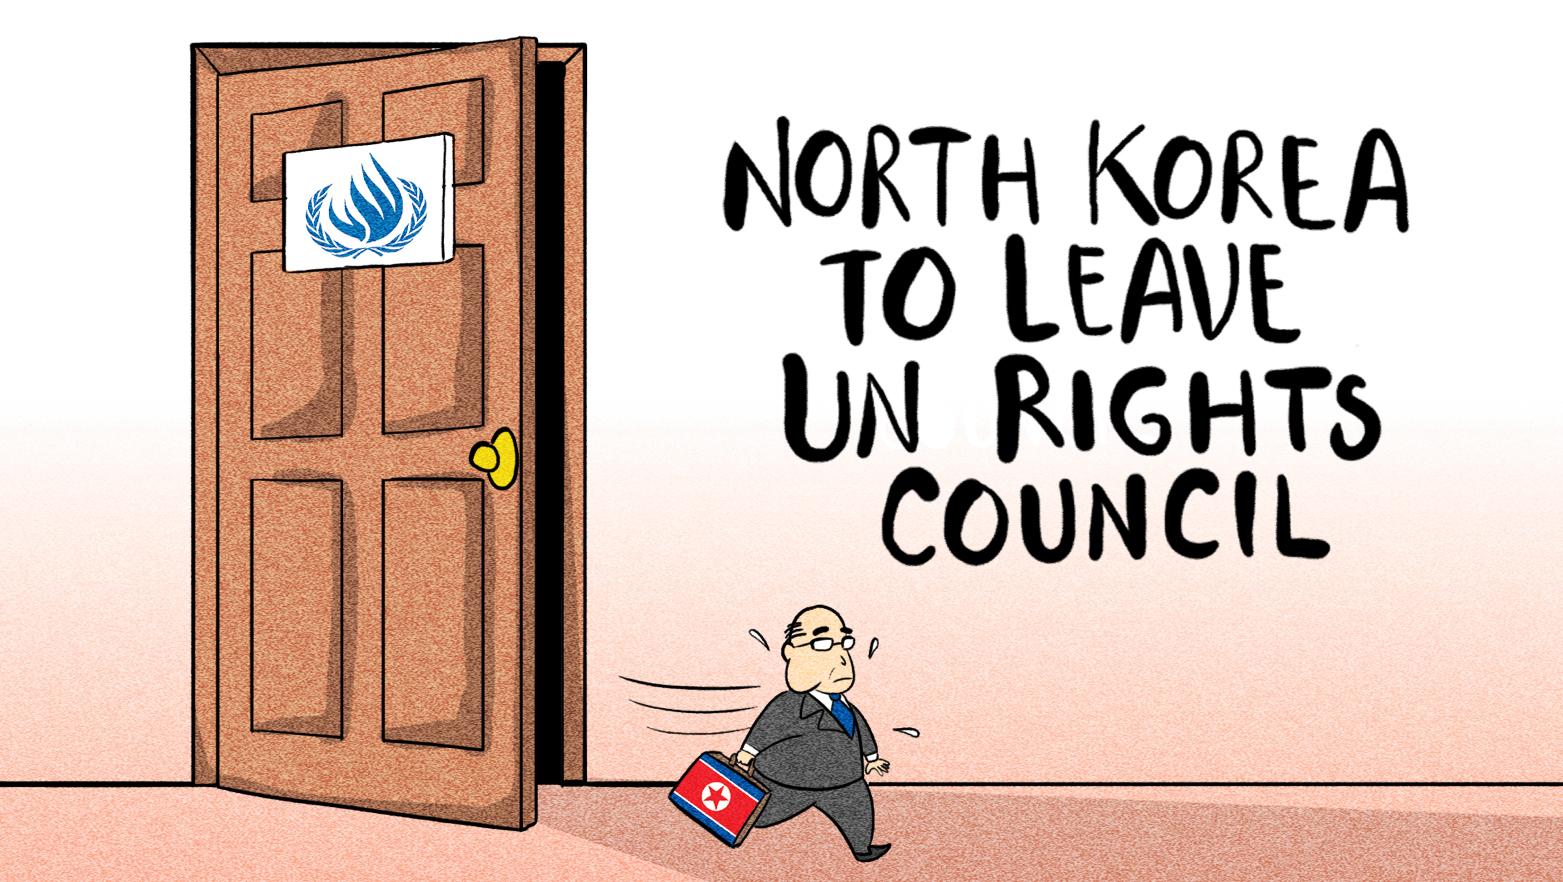 North Korea to leave UN Rights Council